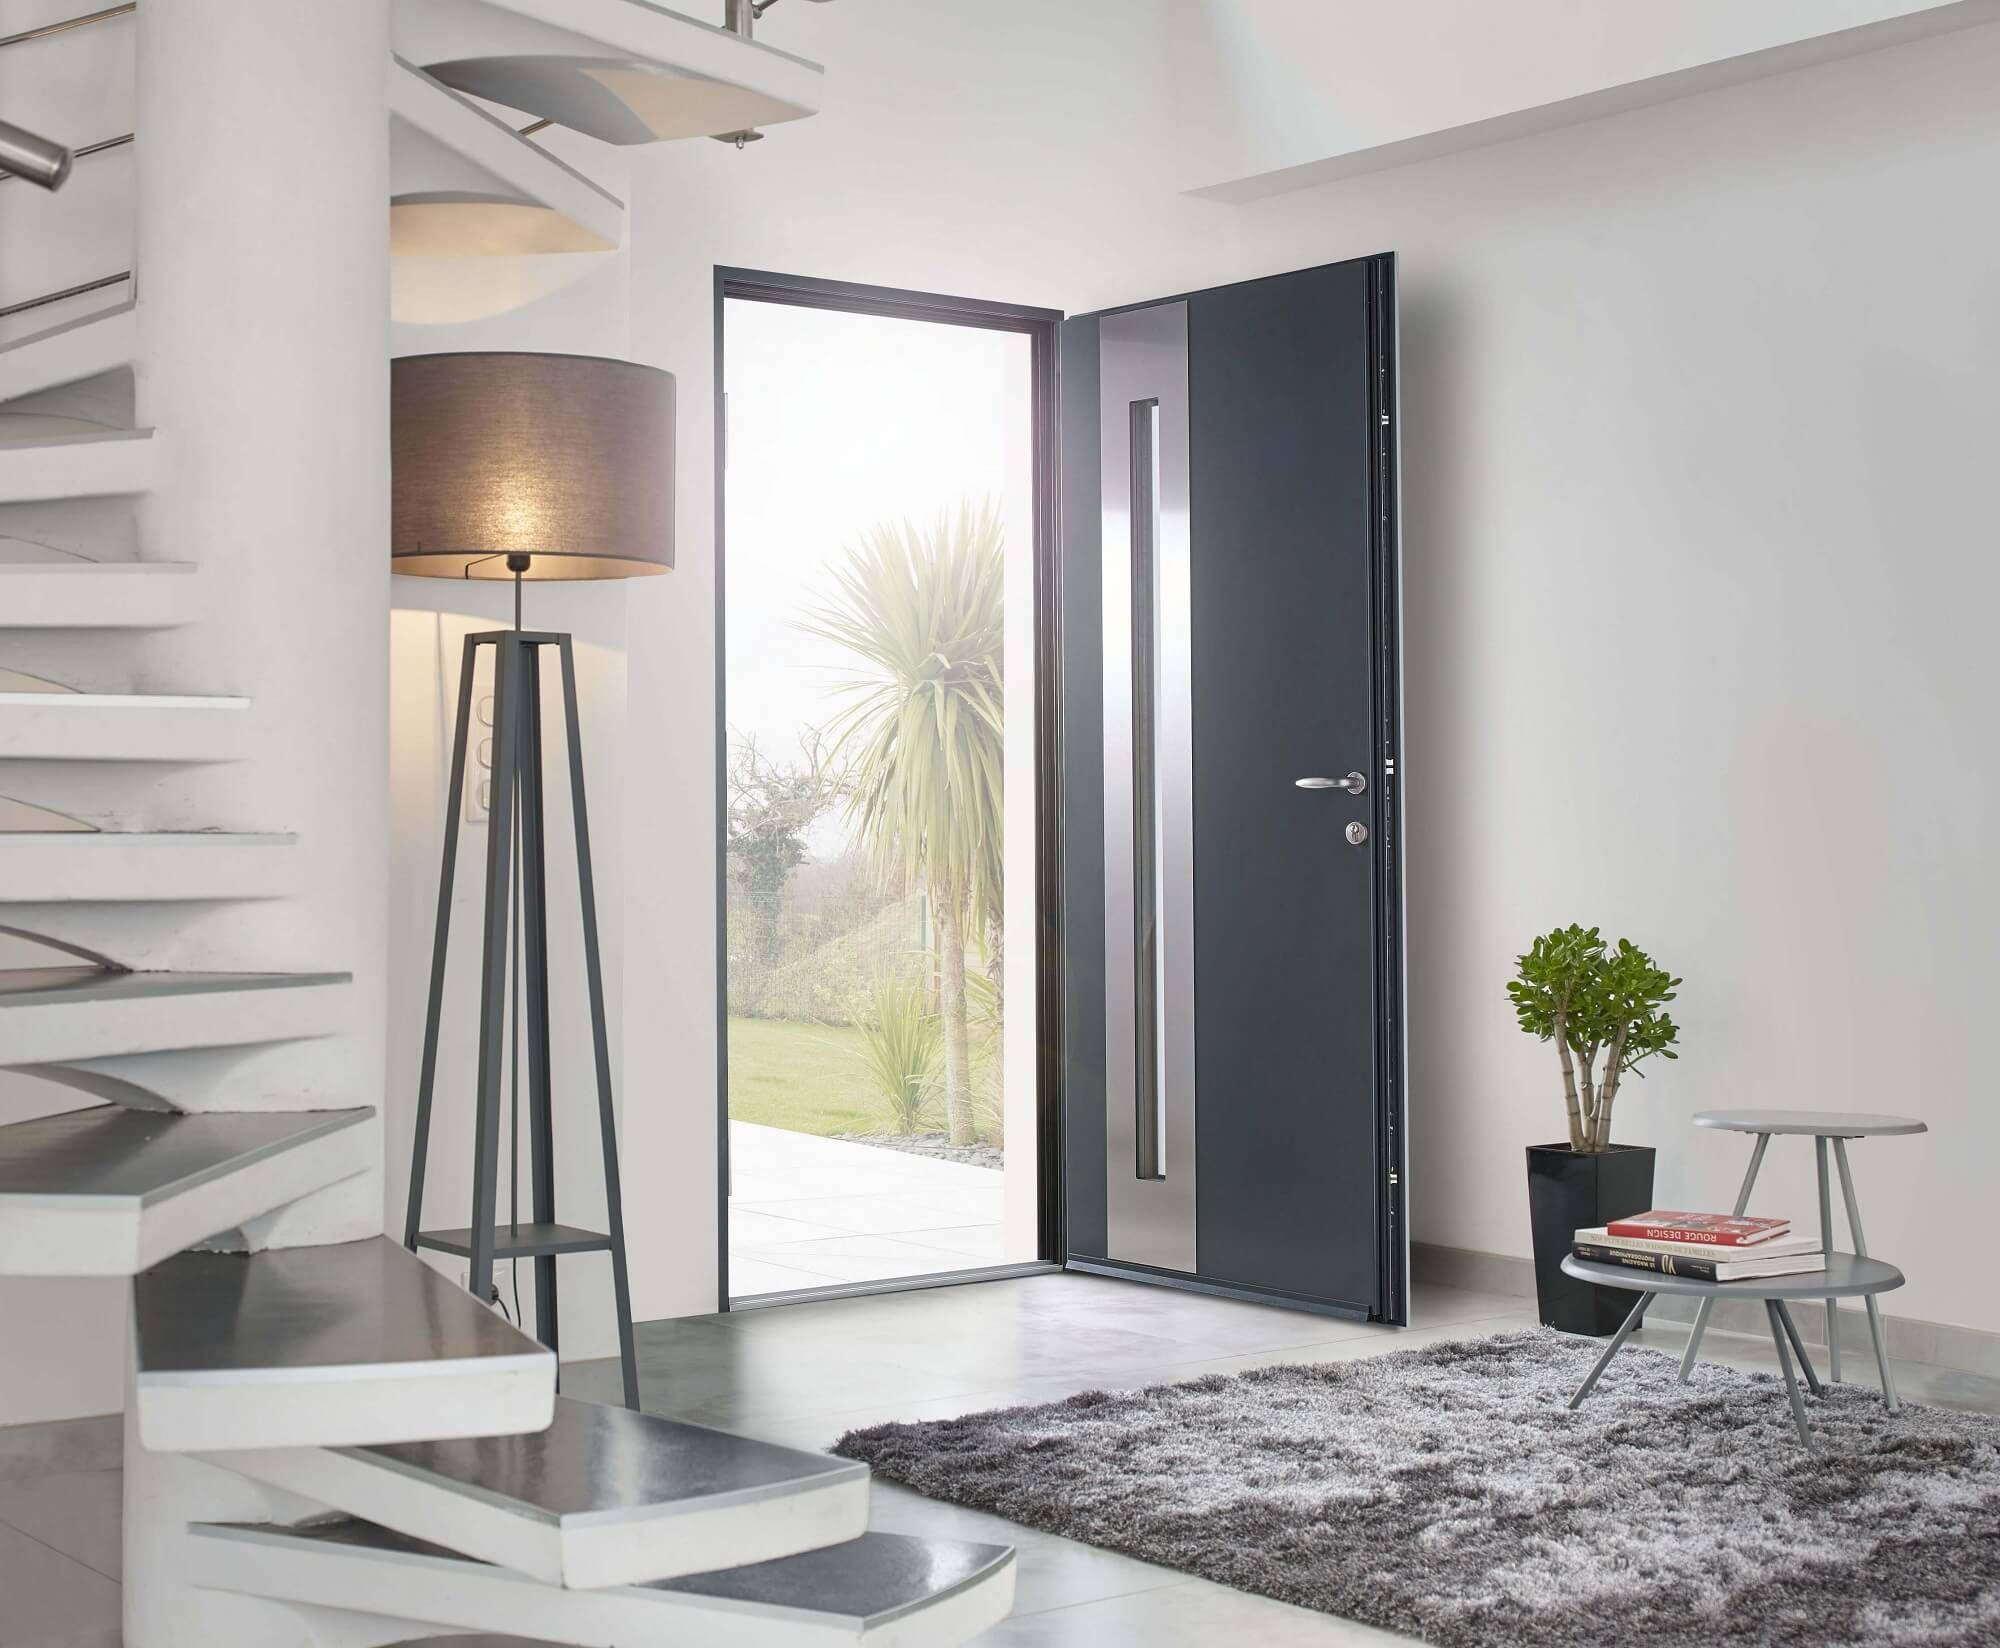 Large Choix De Portes Dentrée Creation Surmesure Interiors - Porte d entrée sur mesure